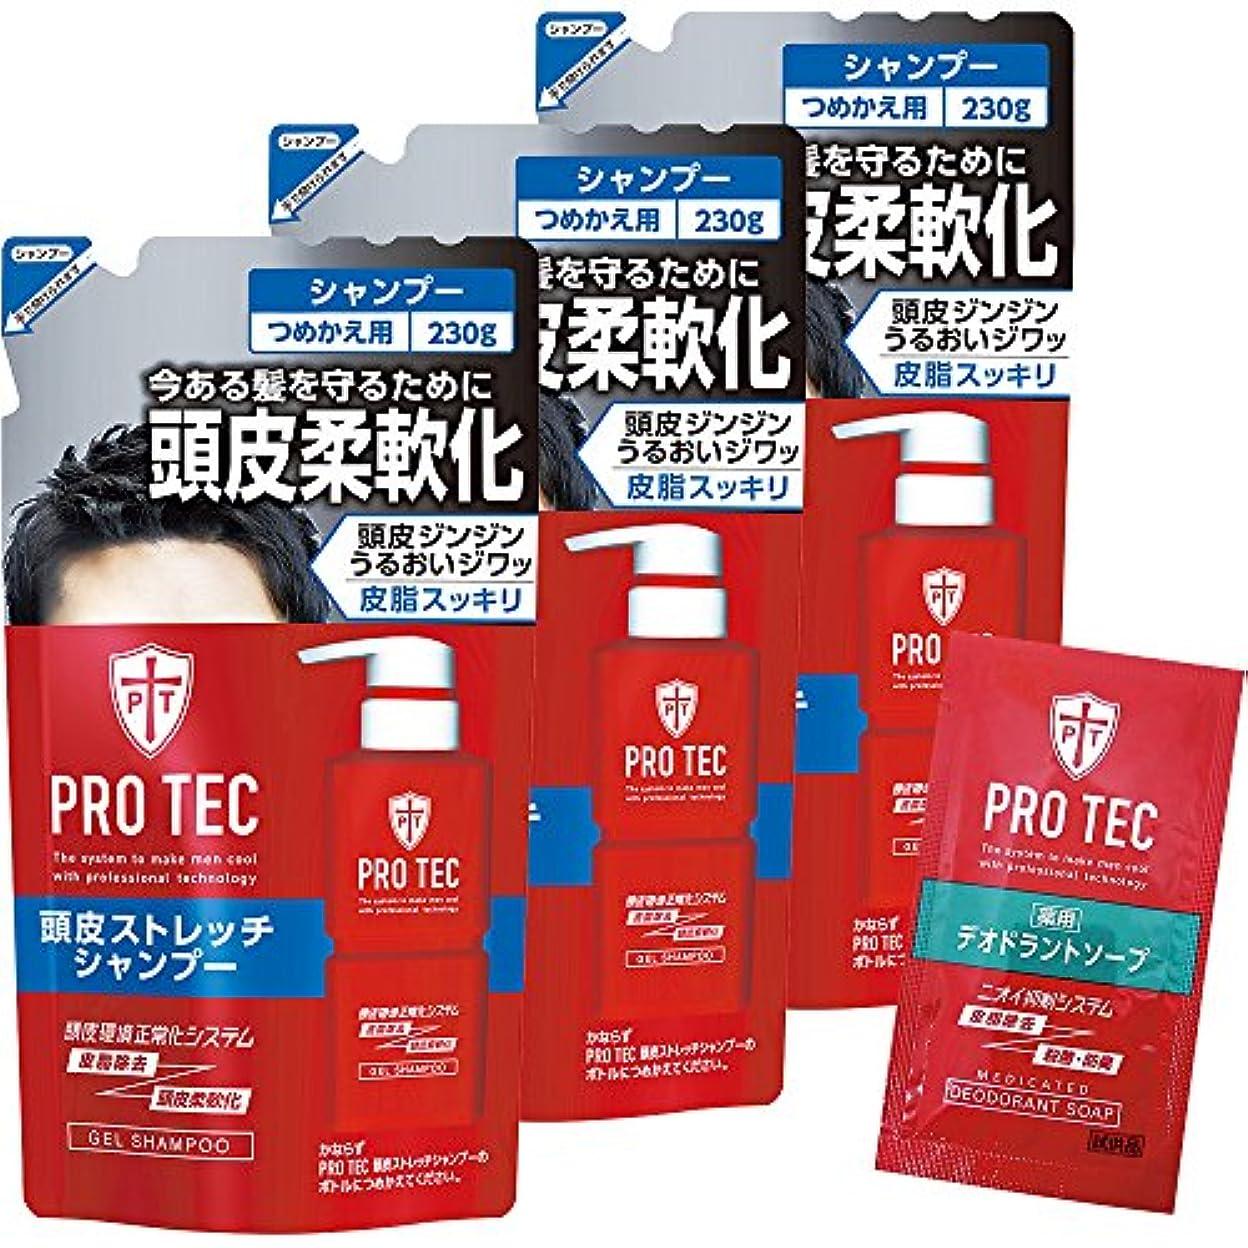 転用空バケツ【Amazon.co.jp限定】PRO TEC(プロテク) 頭皮ストレッチ シャンプー 詰め替え 230g×3個パック+デオドラントソープ1回分付(医薬部外品)